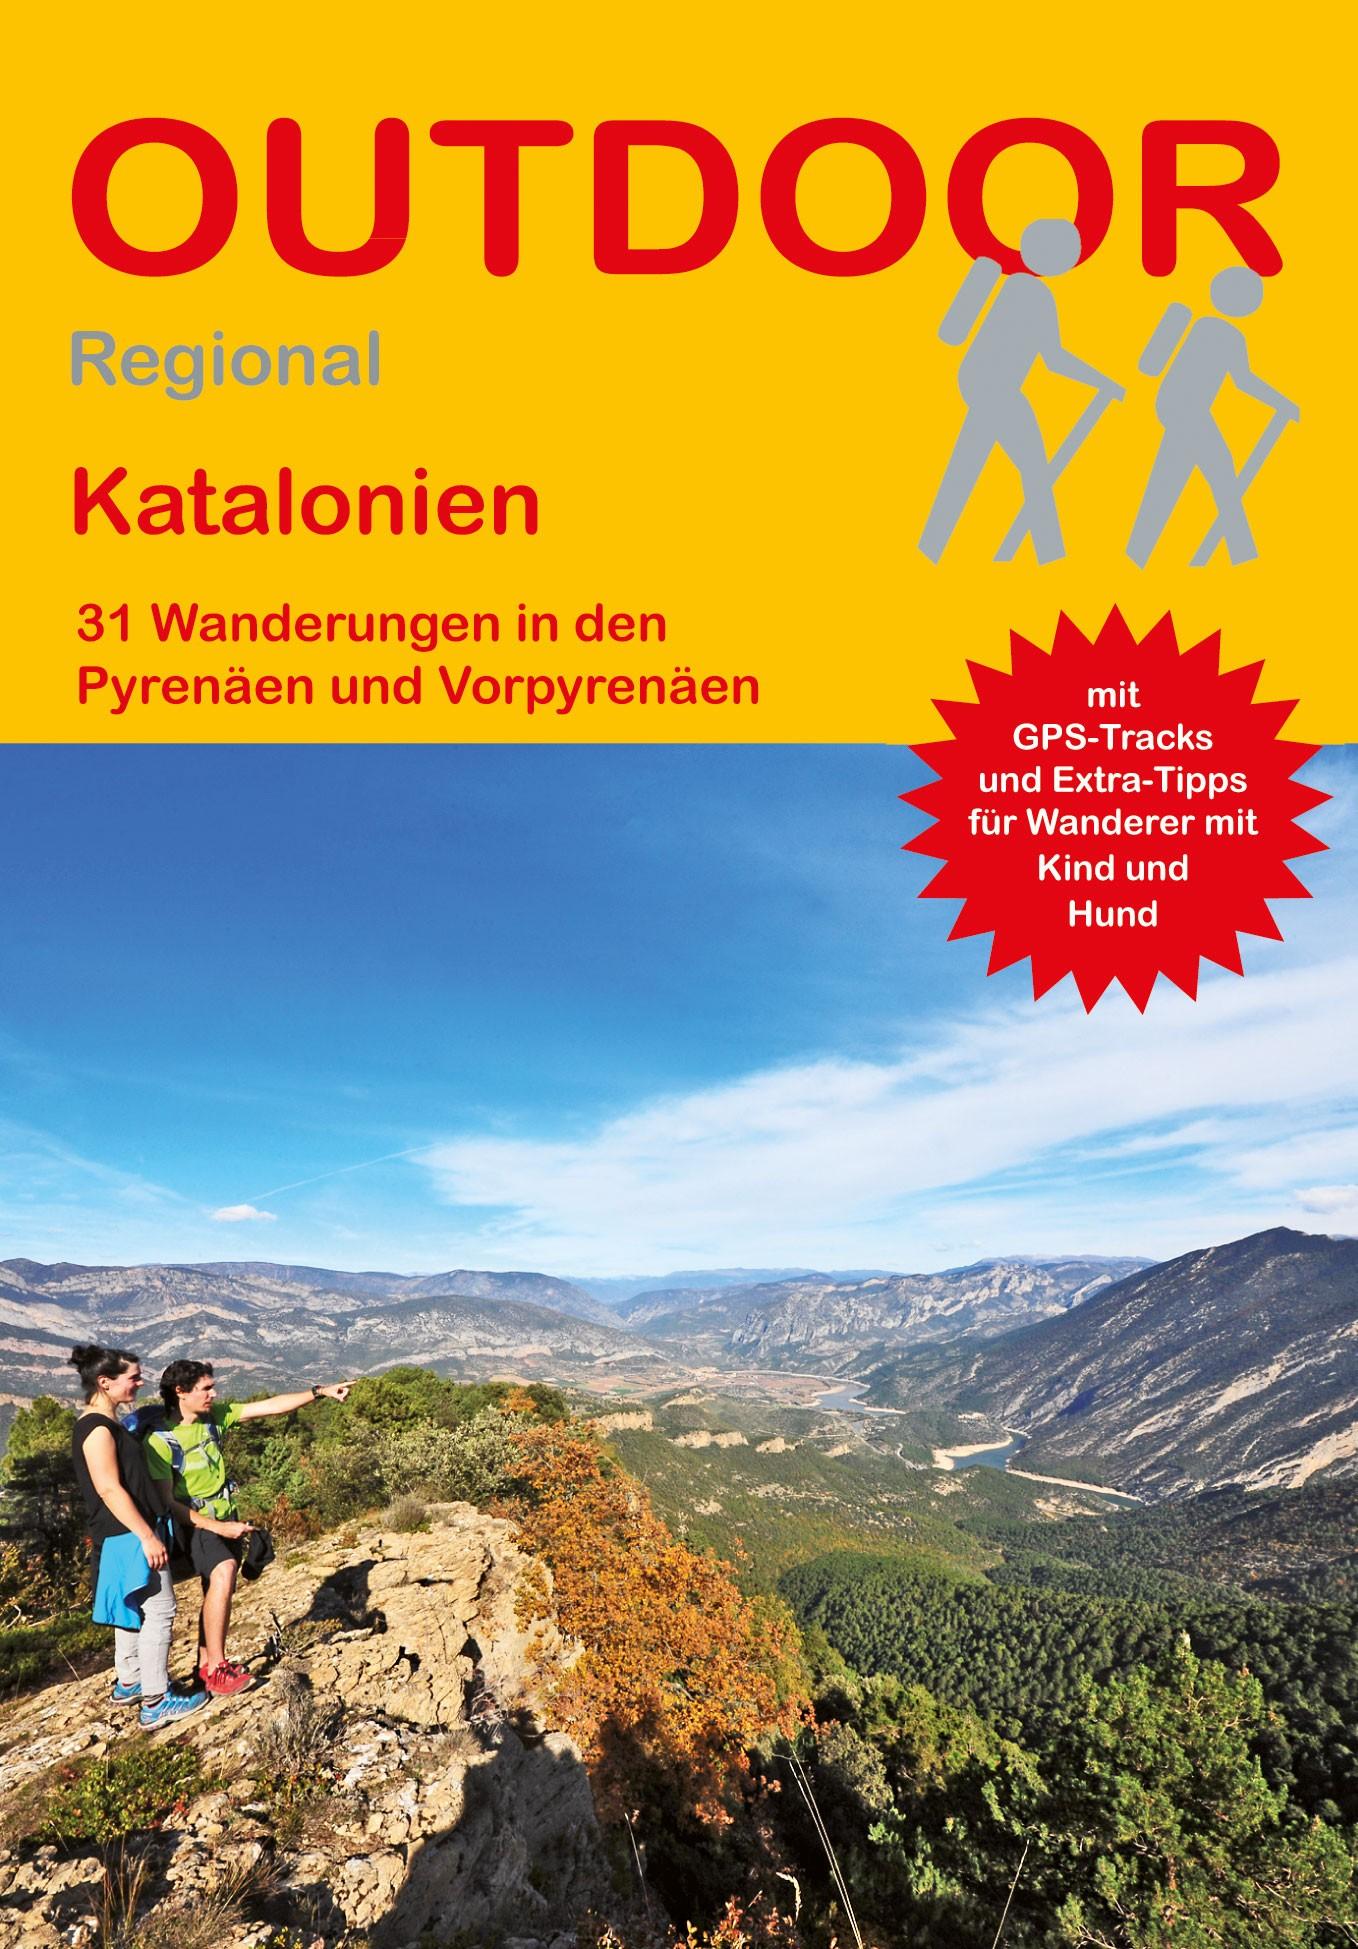 Katalonien - Pyrenäen und Vorpyrenäen